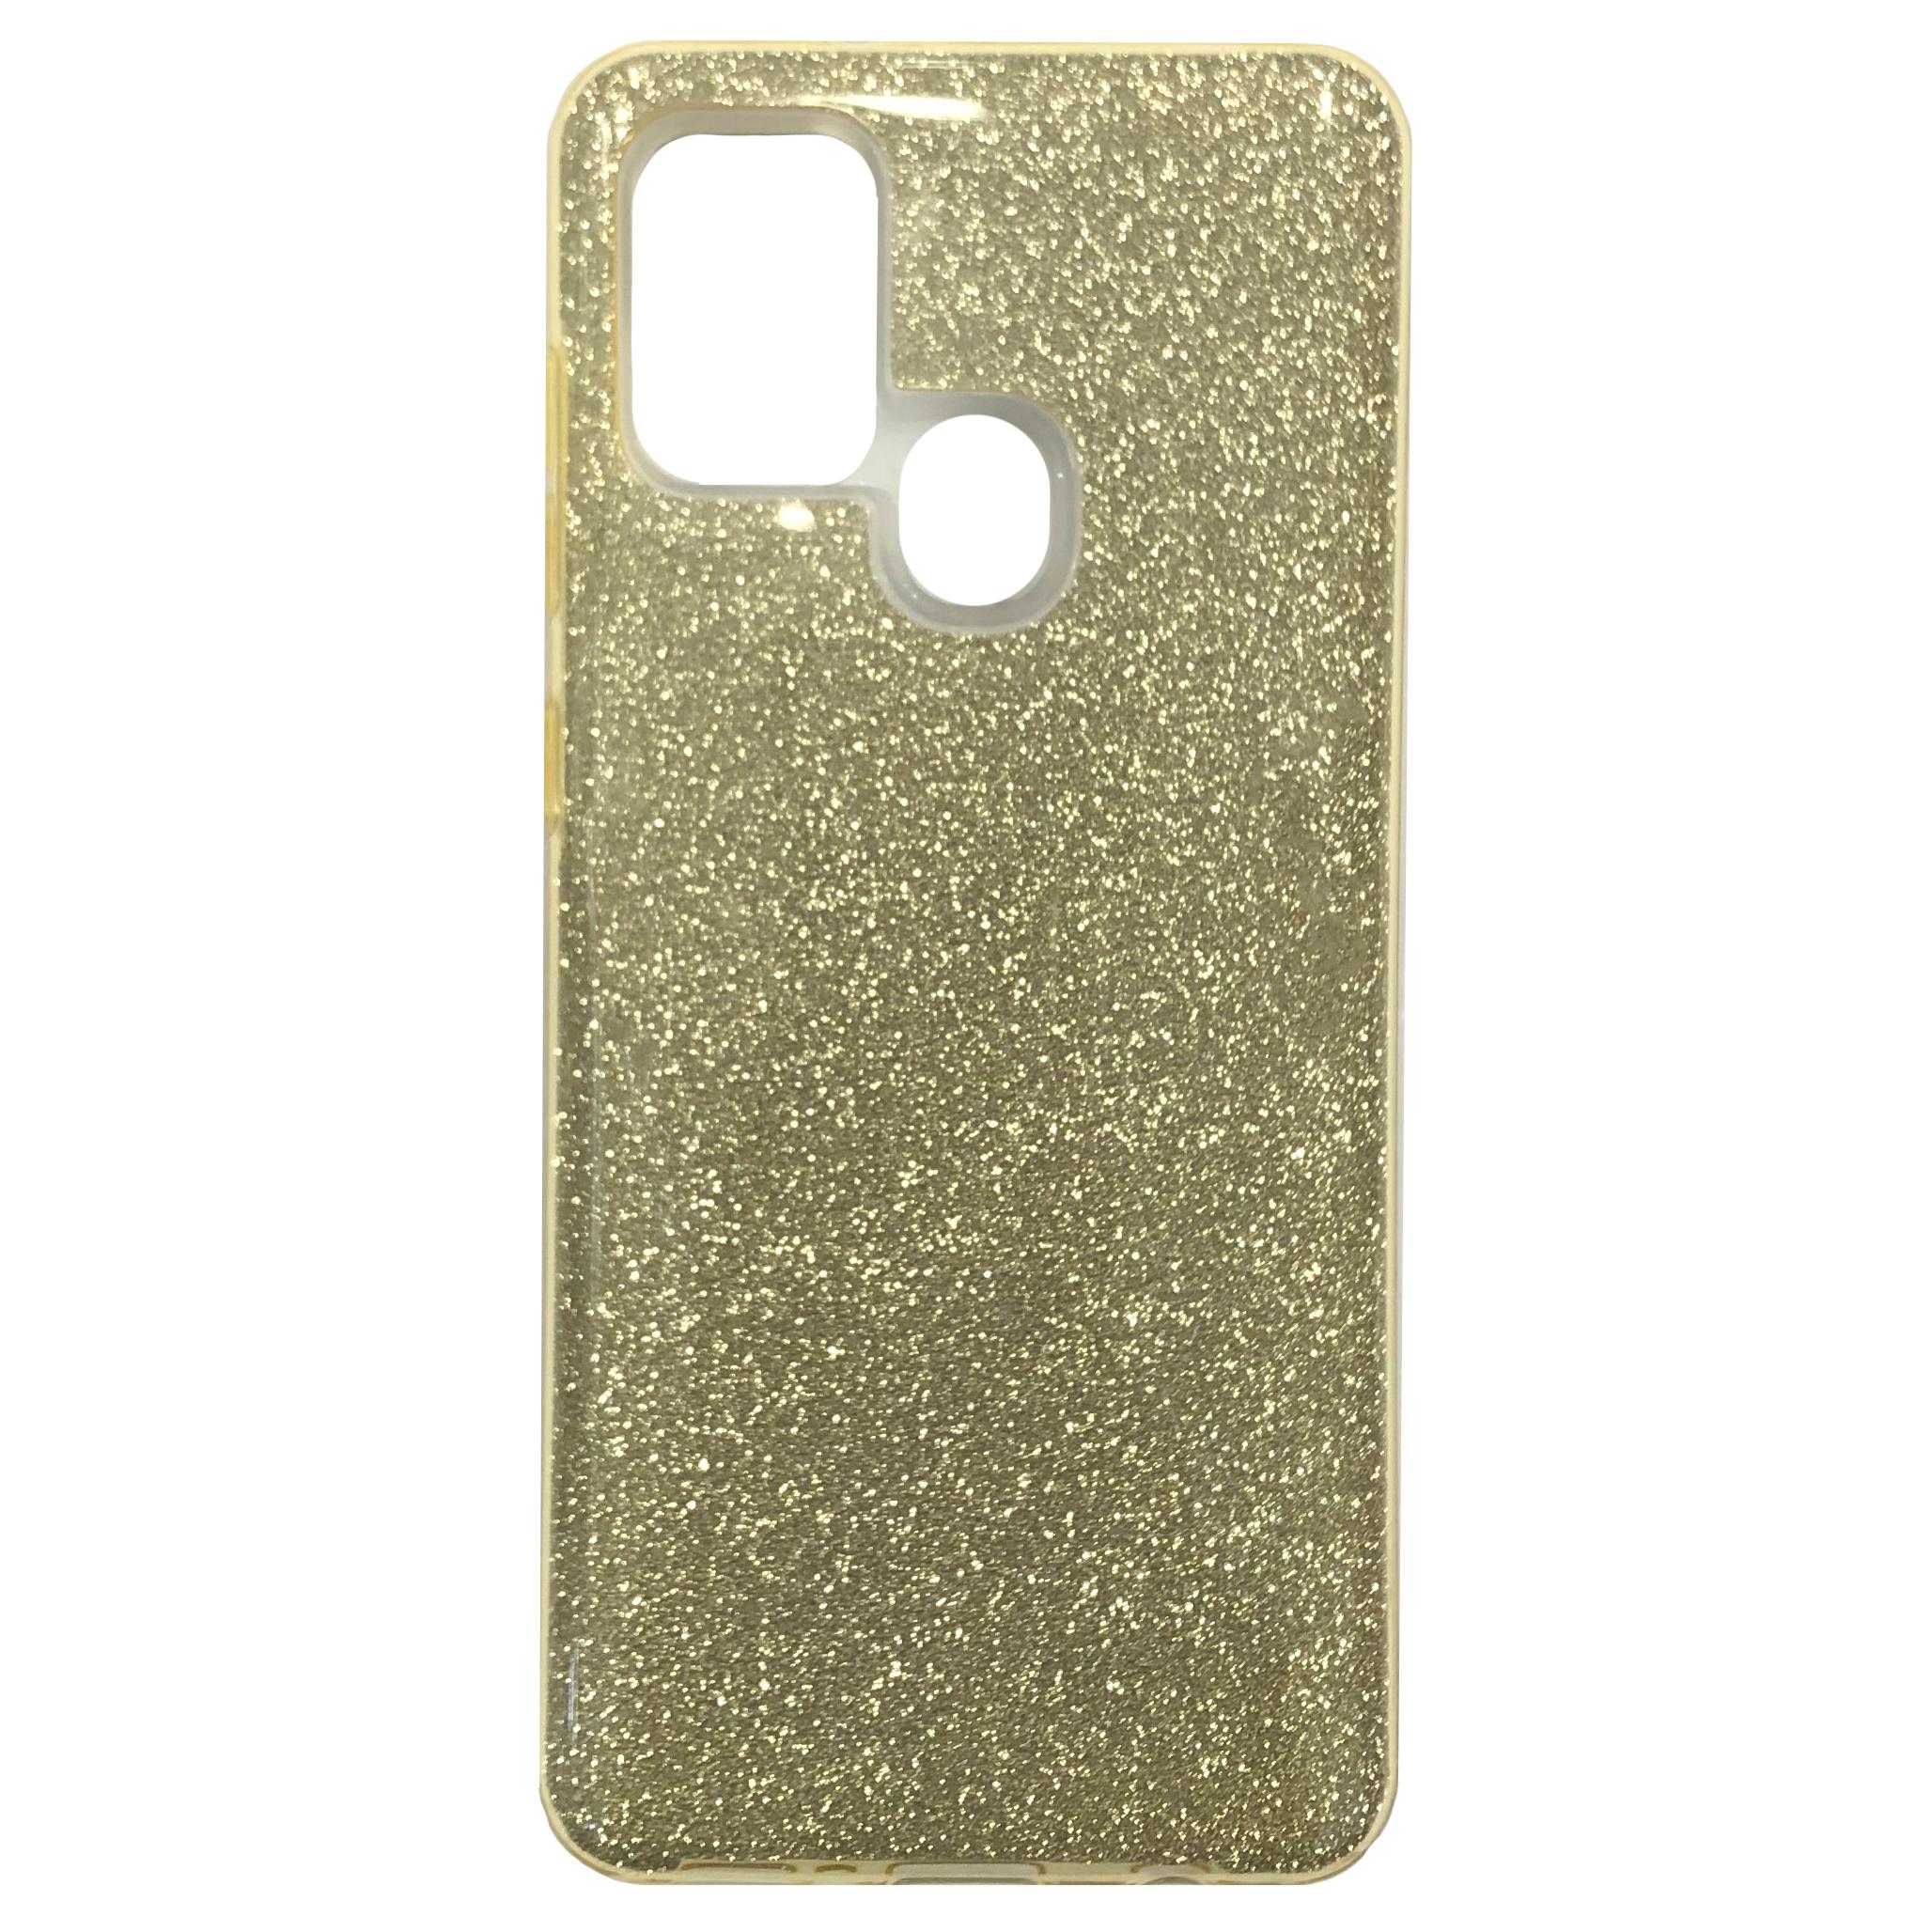 کاور مدل FSH-001 مناسب برای گوشی موبایل سامسونگ Galaxy A21s